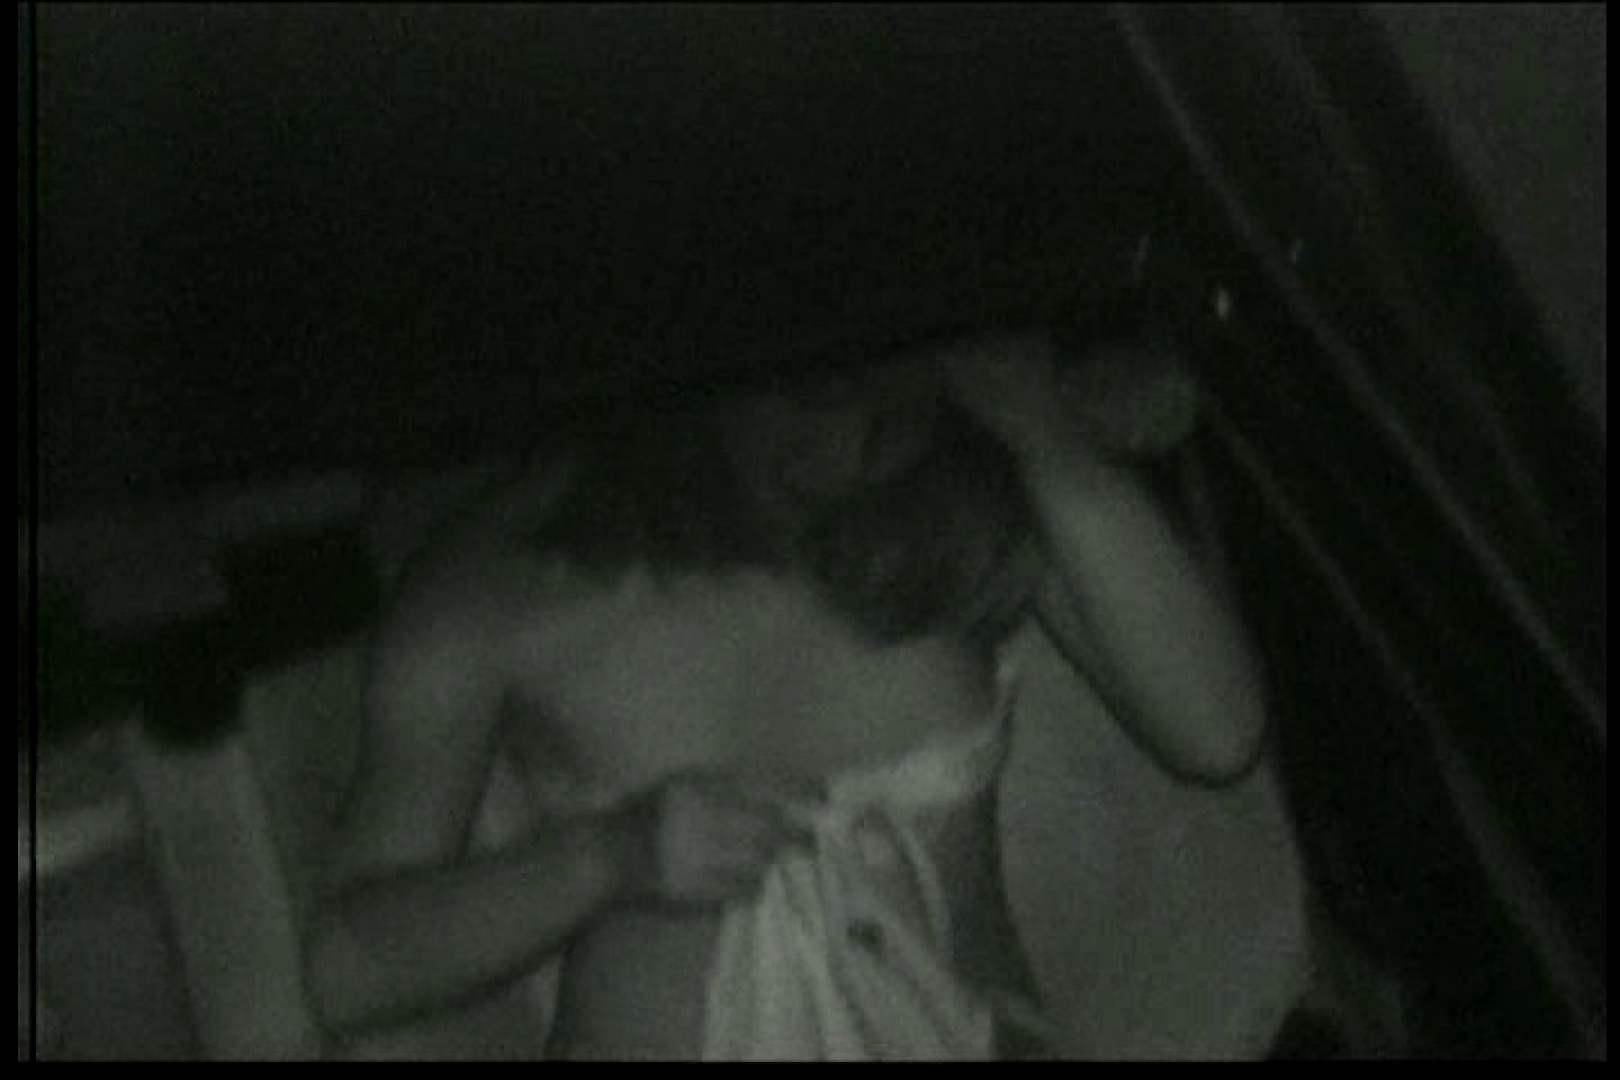 車の中はラブホテル 無修正版  Vol.13 赤外線 おめこ無修正動画無料 64画像 5